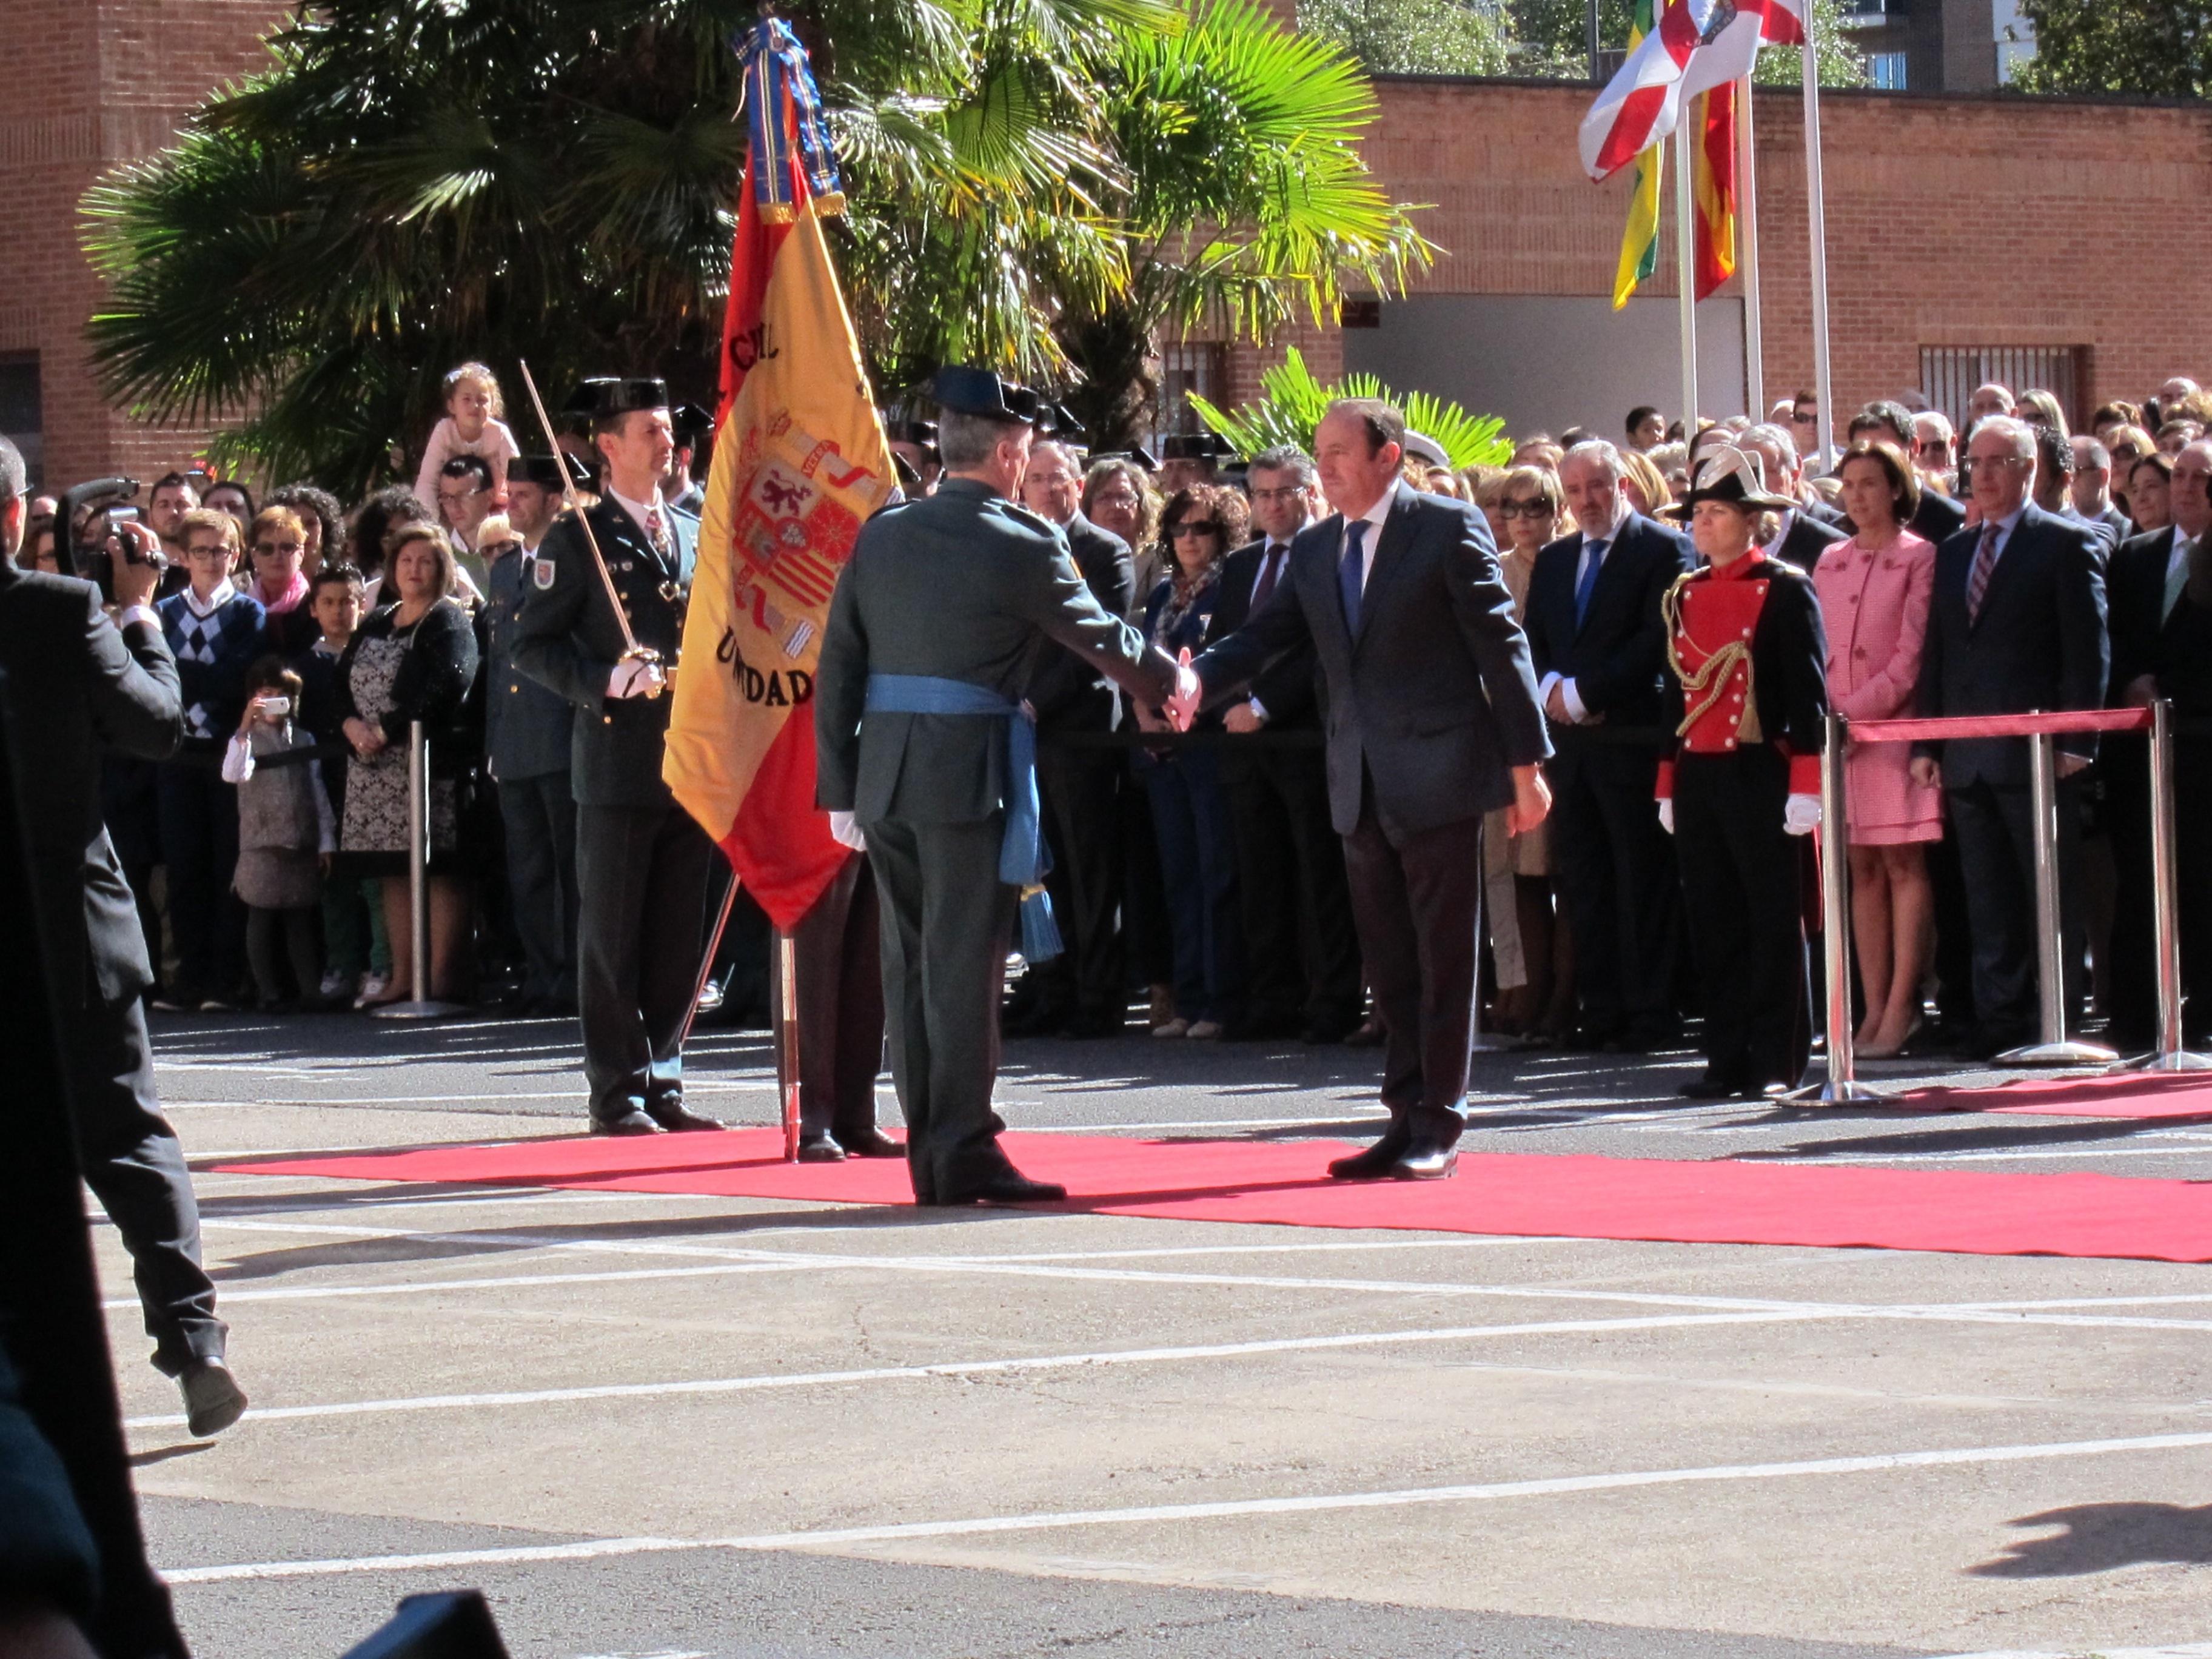 Sanz entrega la primera 'Corbata de honor de La Rioja' a la Unidad de Acción Rural de la Guardia Civil